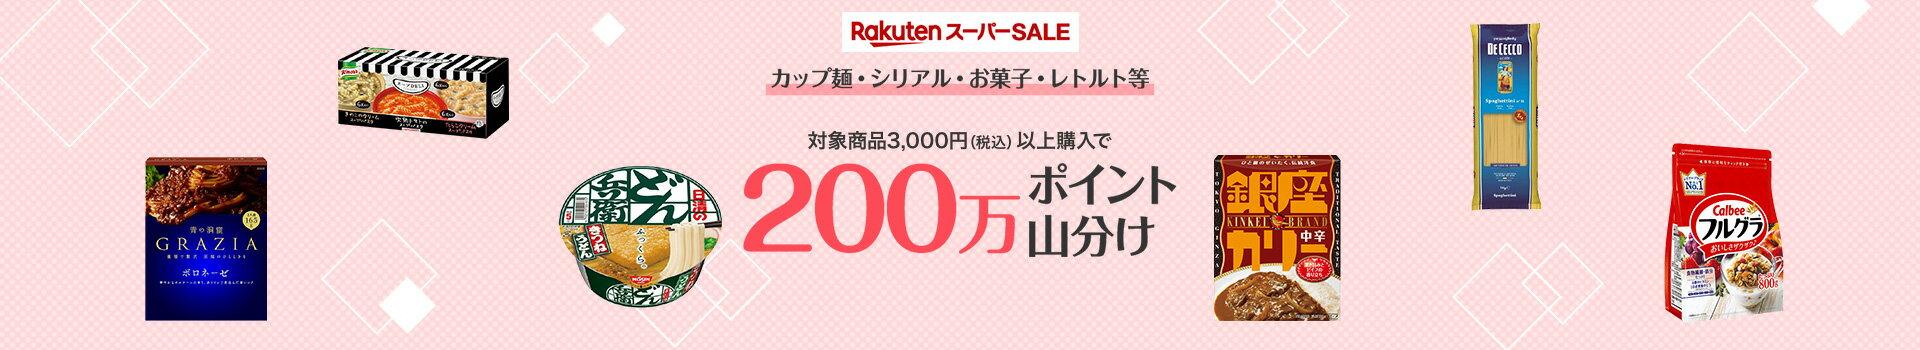 カップ麺・シリアル・お菓子・レトルト等購入で200万ポイント山分け